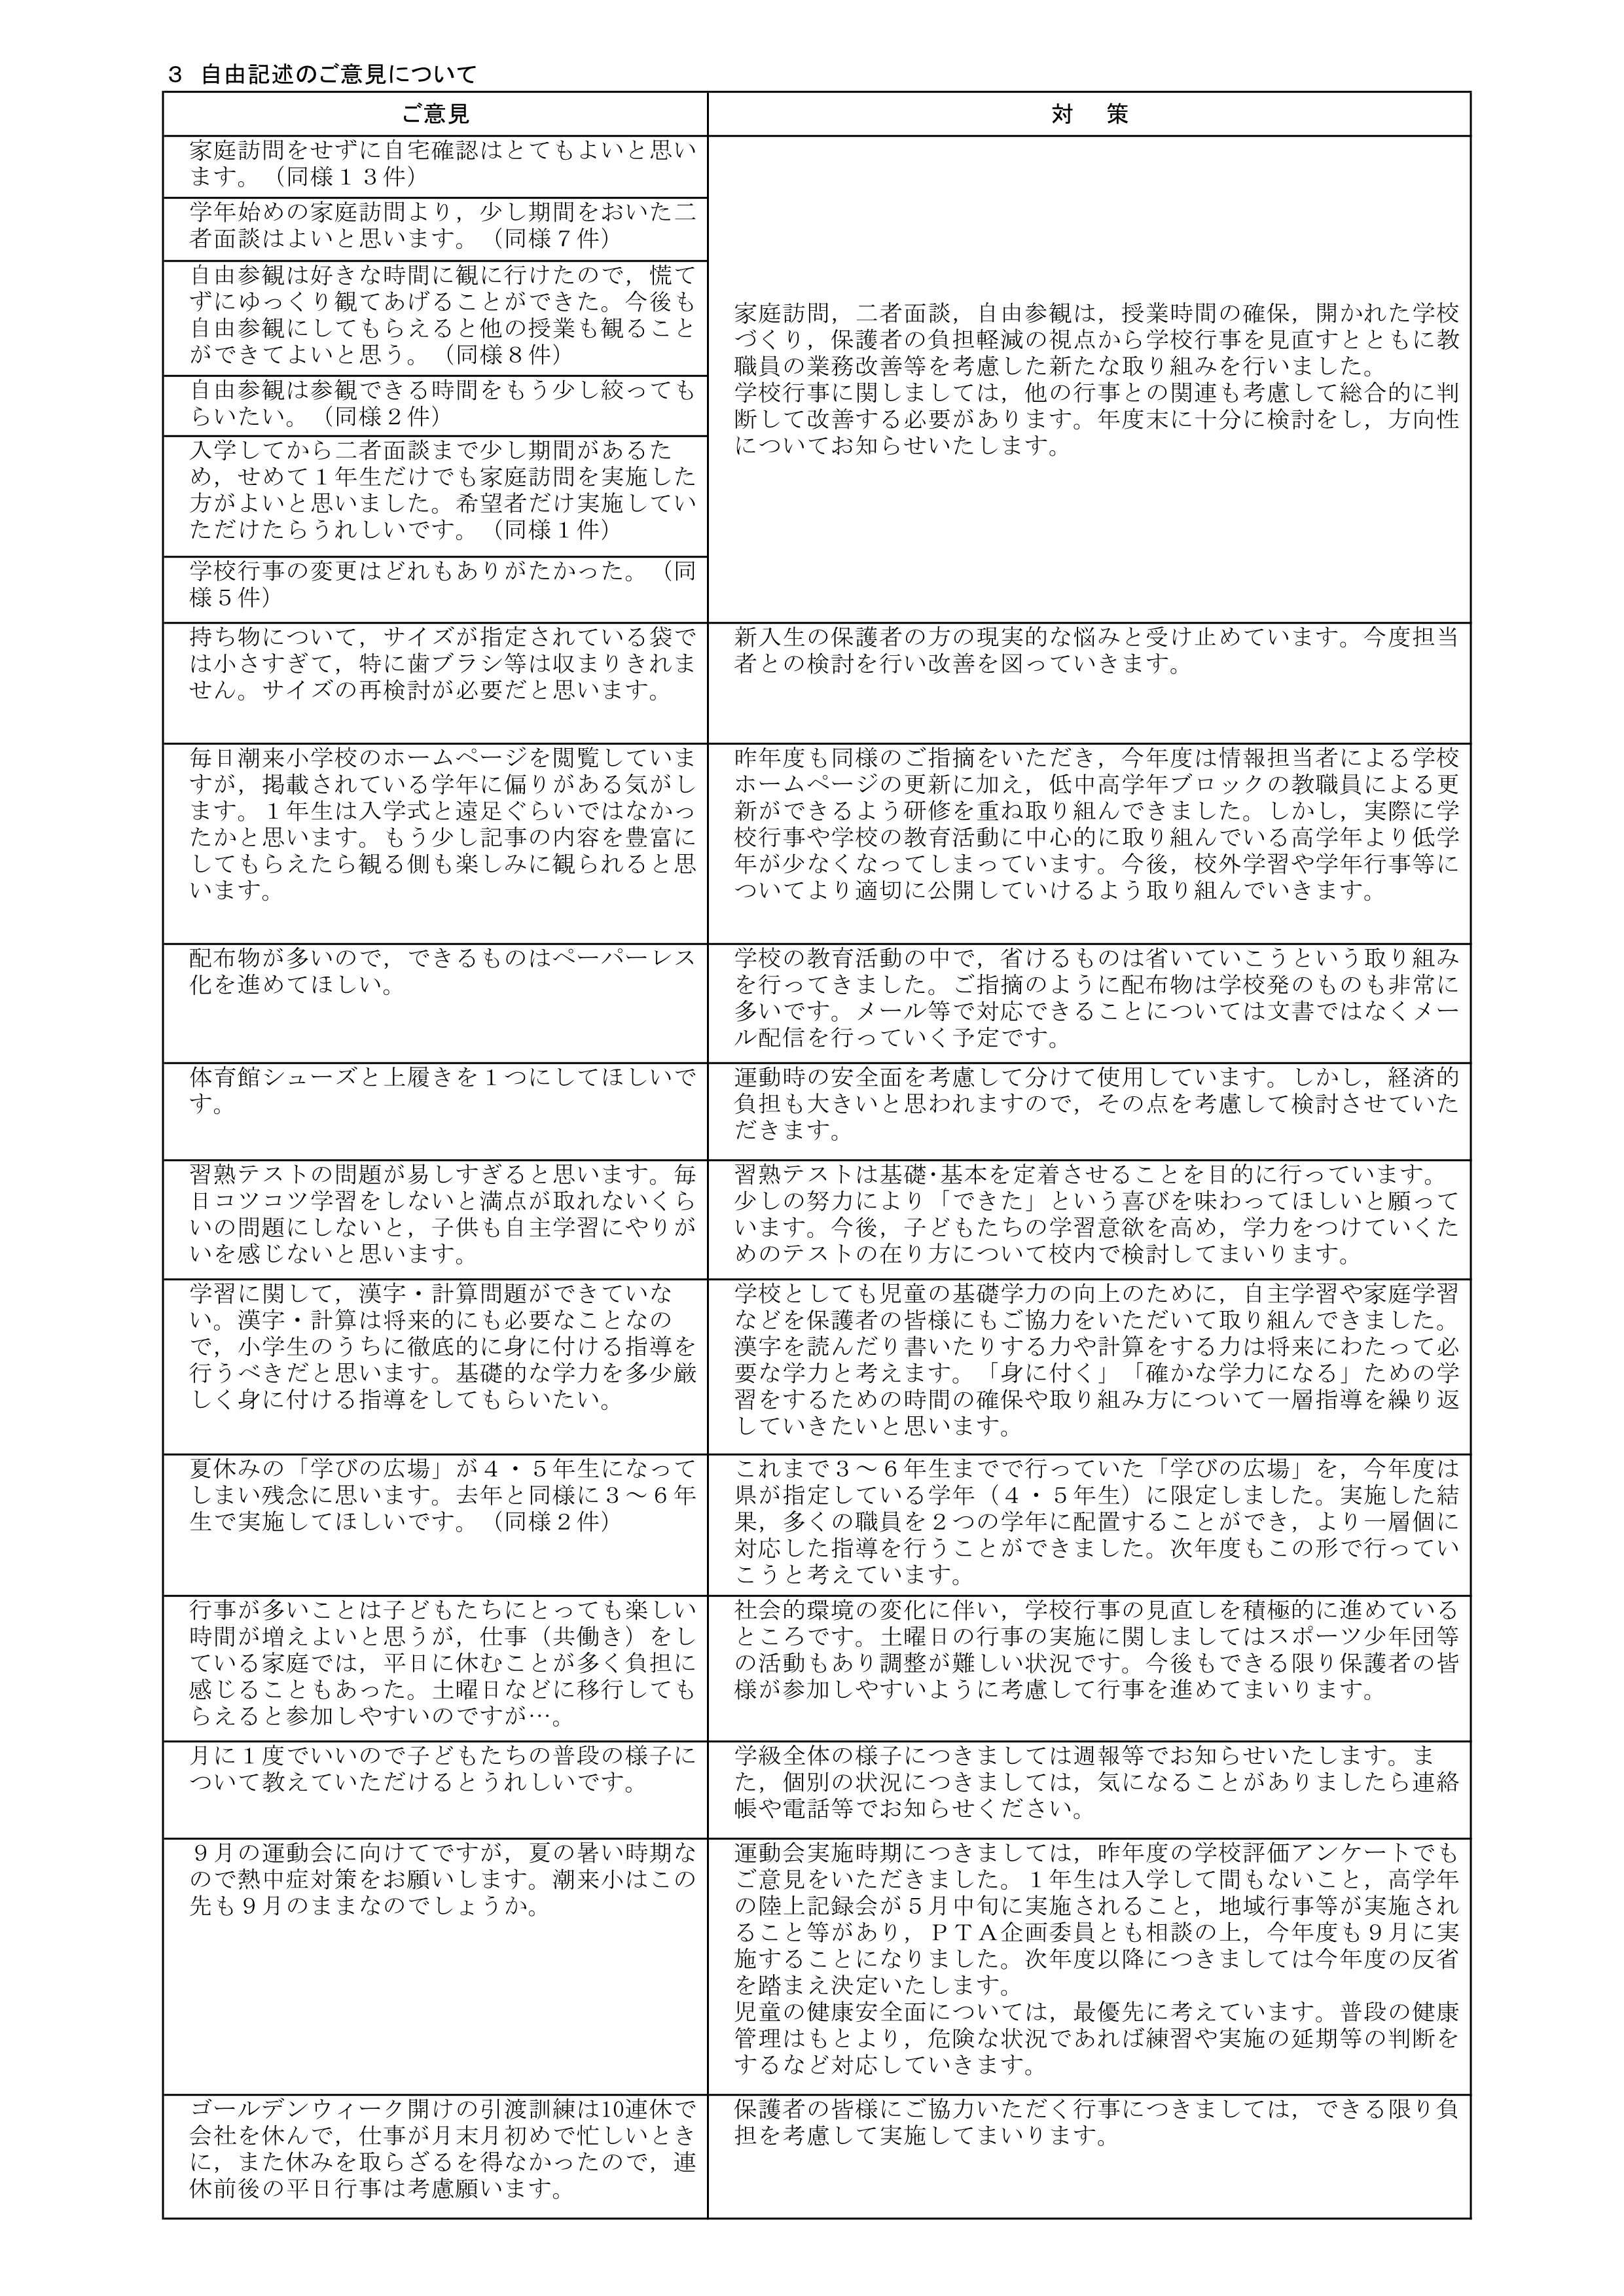 H31潮来小学校評価 全集計・グラフ_前期_4